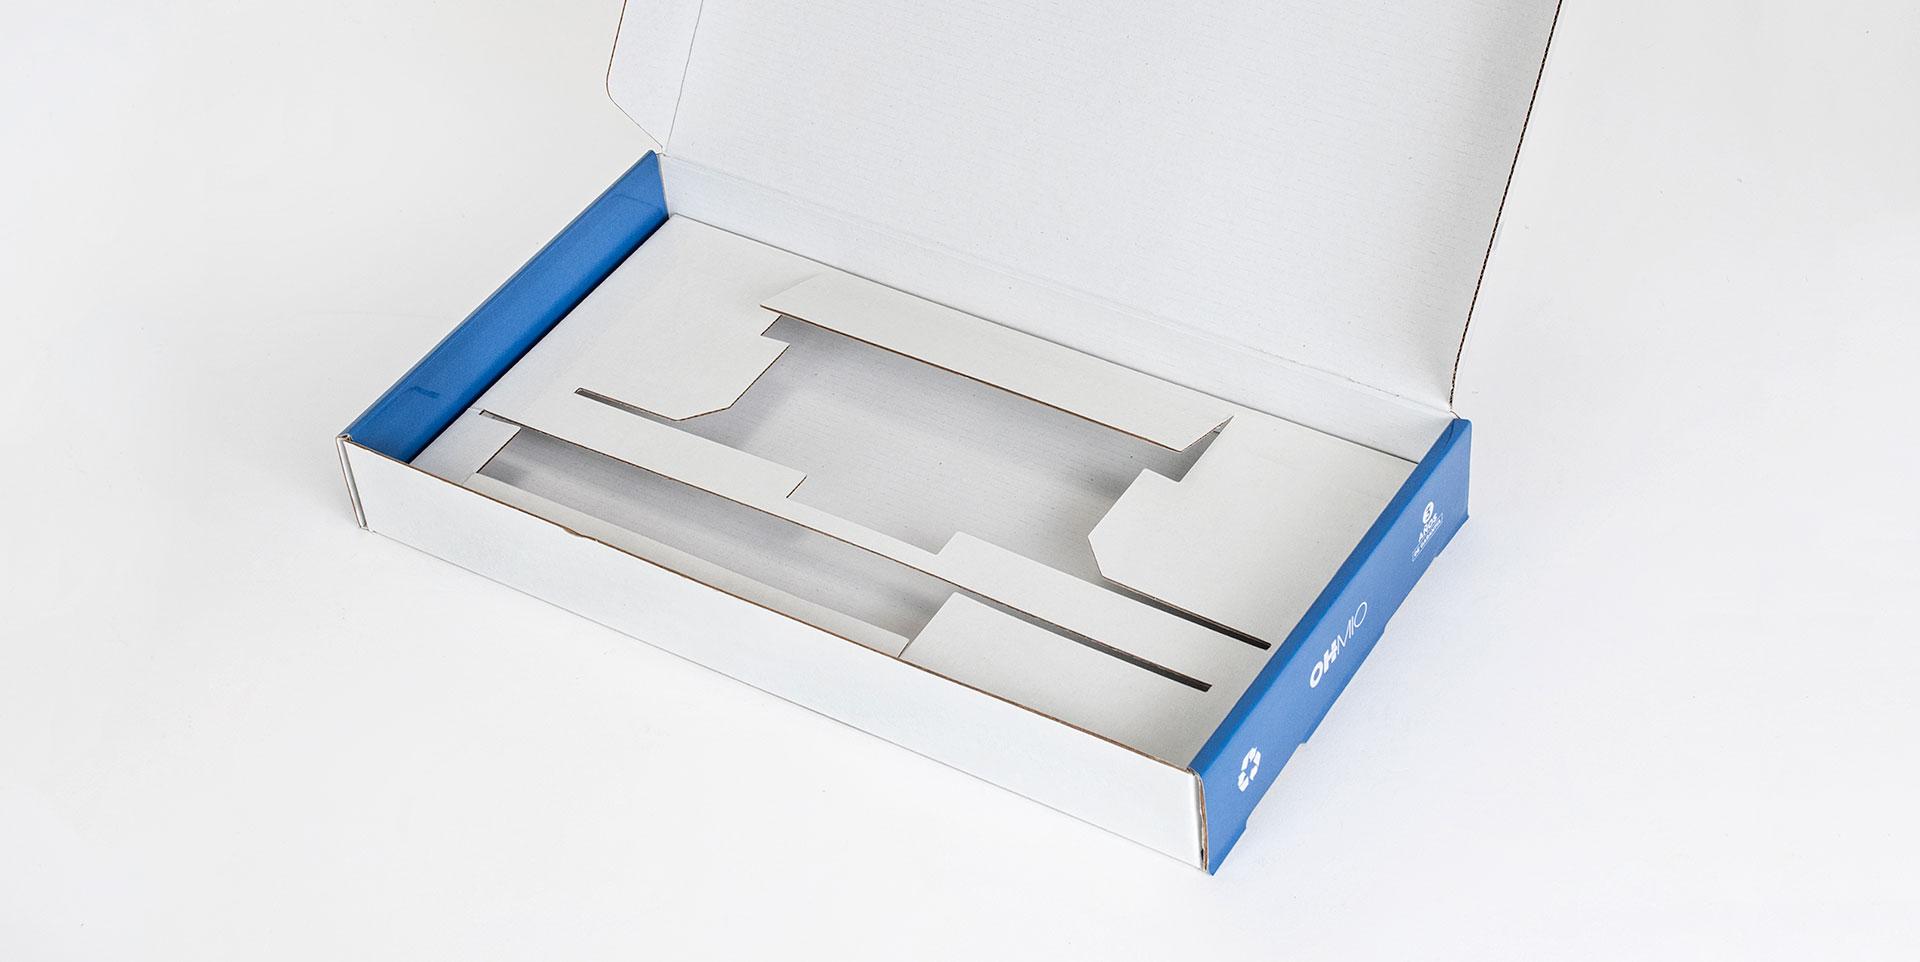 fabricante-de-cajas-de-carton-a-medida-y-personalizadas-automontables-4.jpg